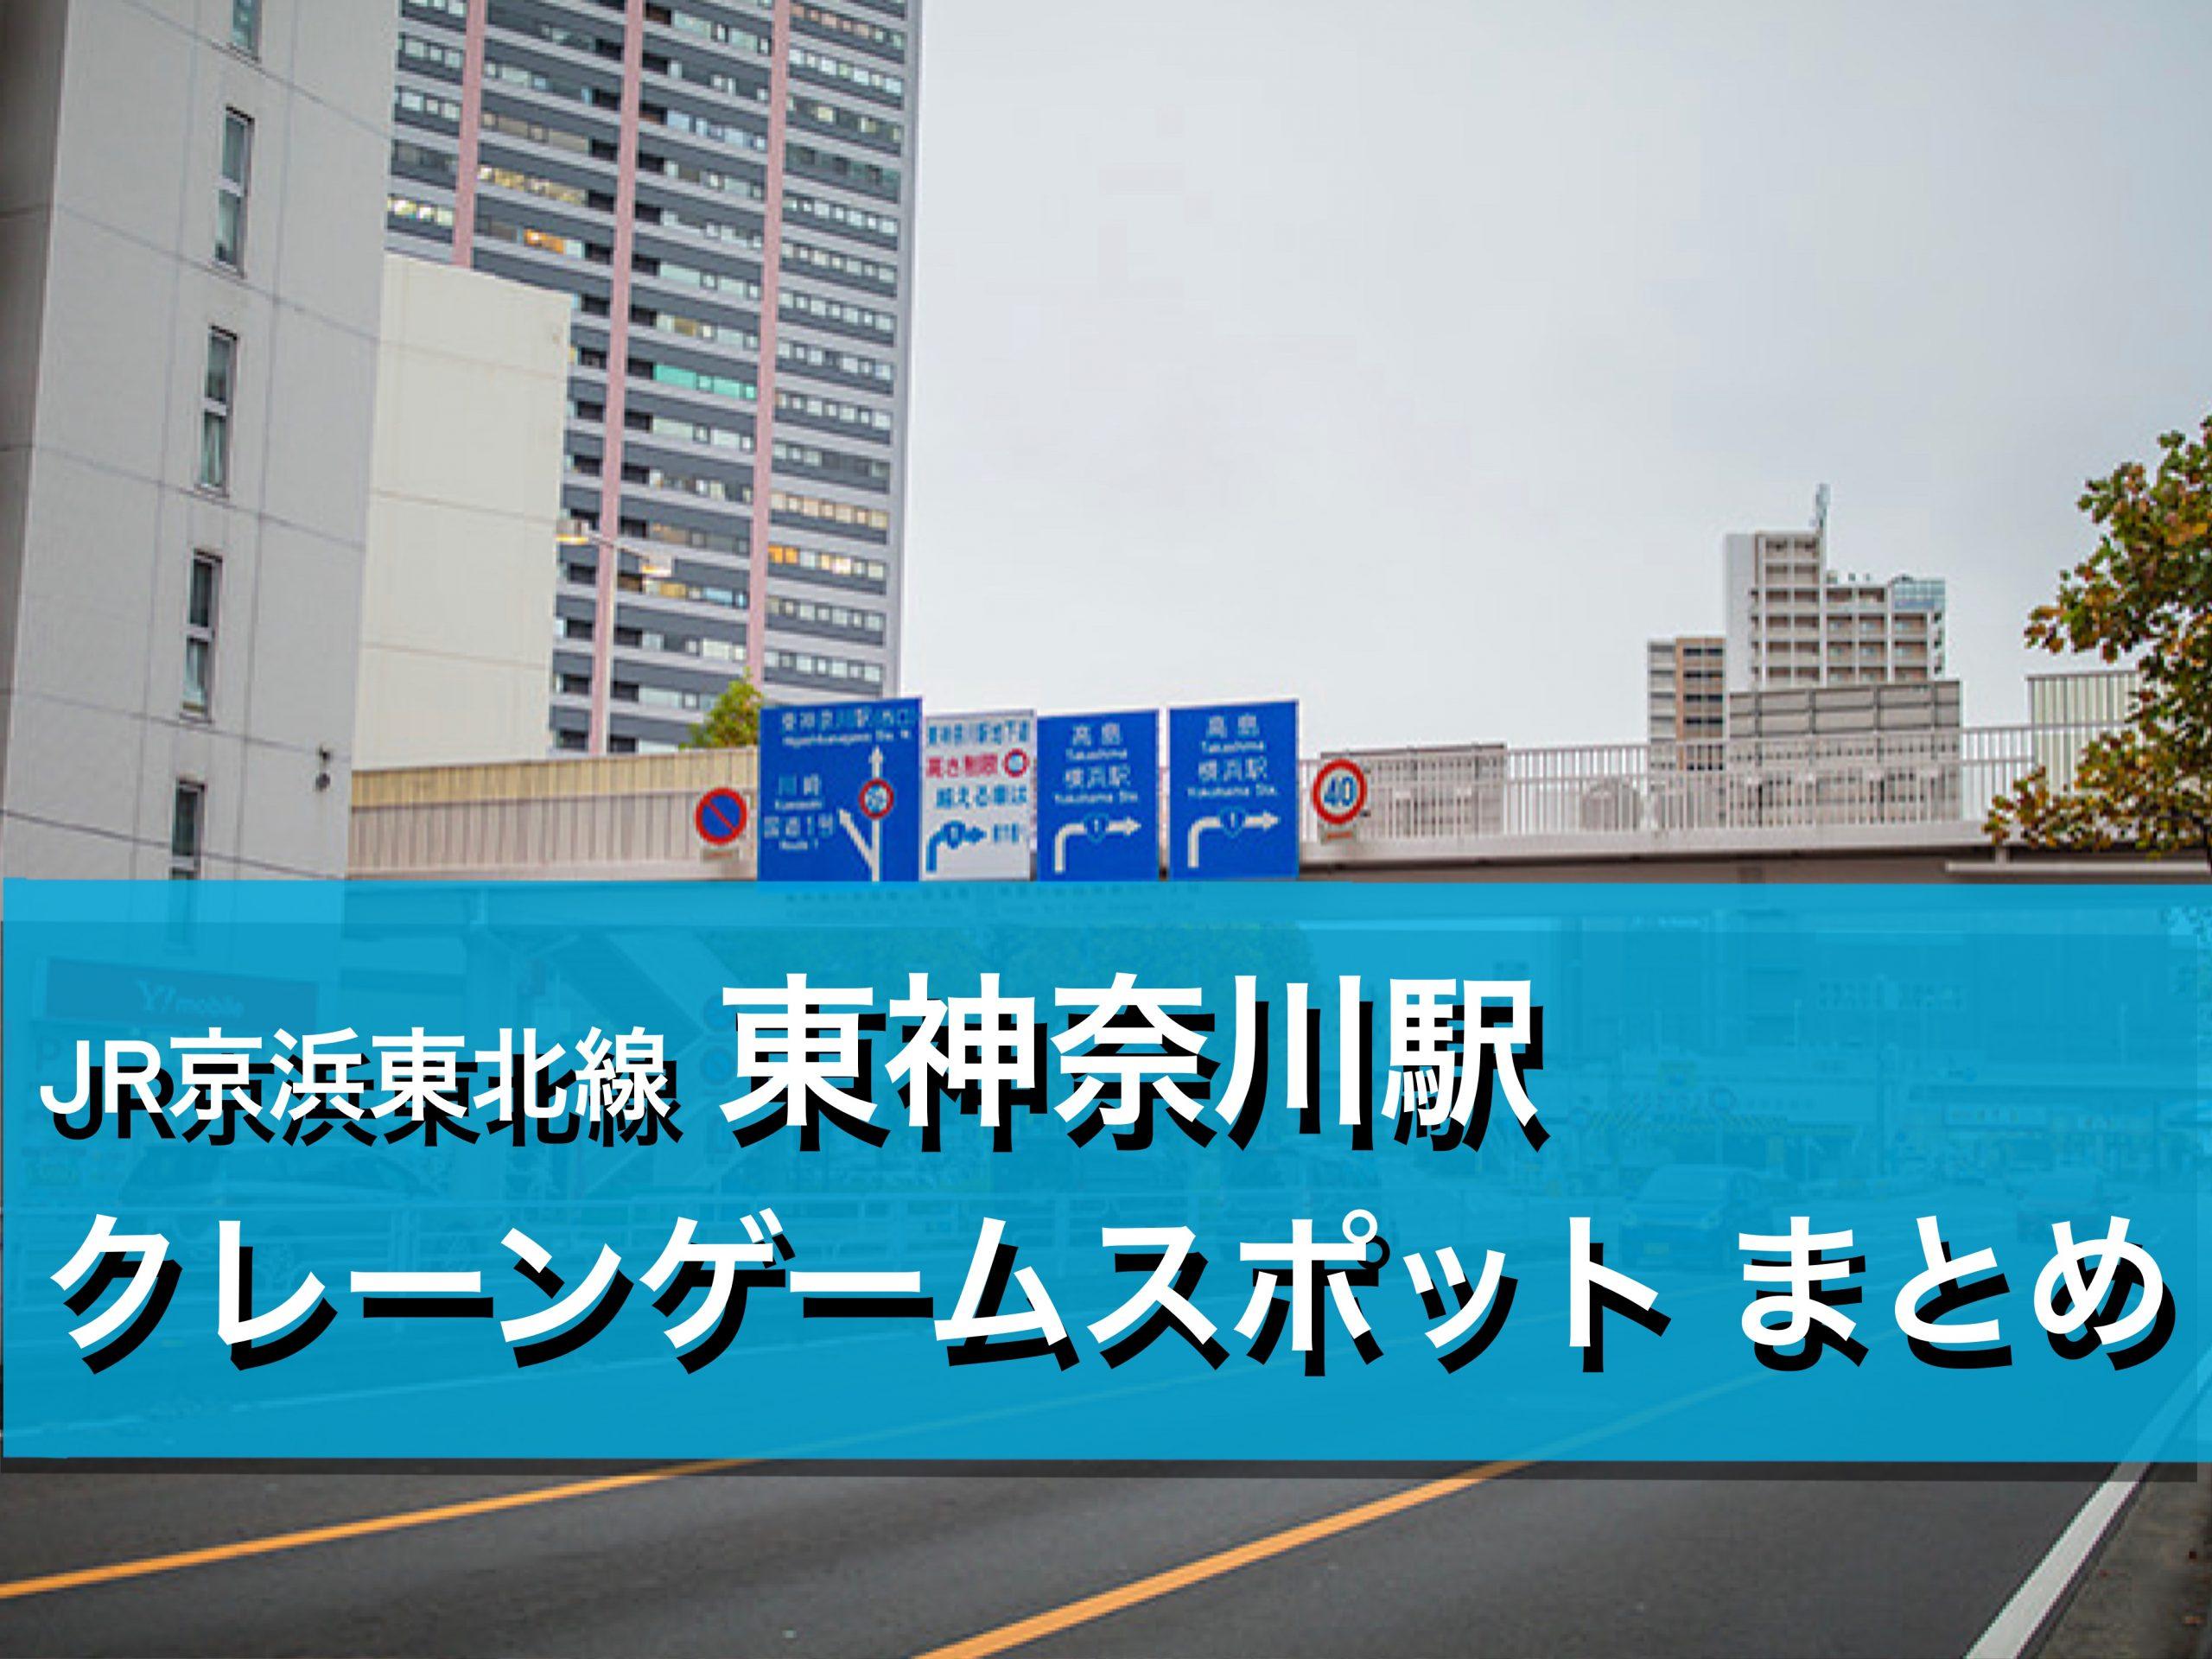 【東神奈川駅】クレーンゲームができる場所